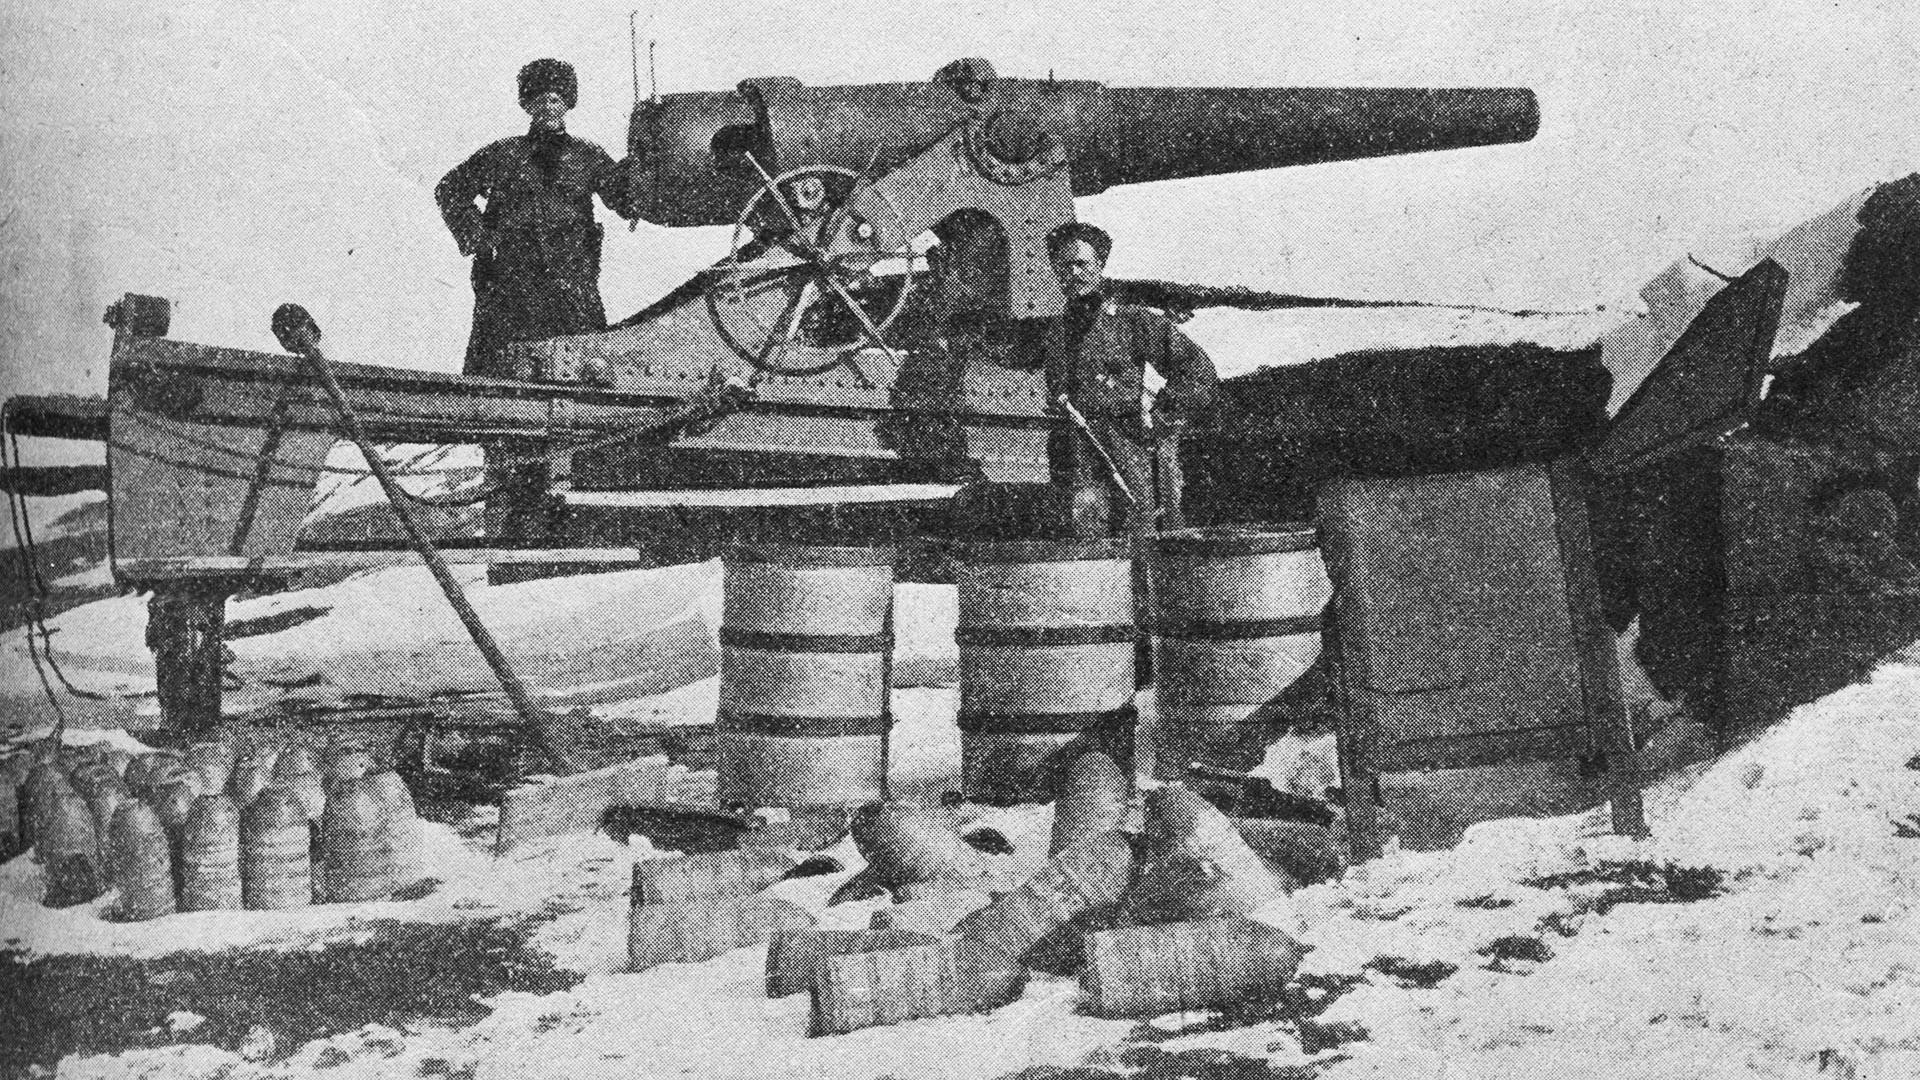 Trofejno tursko oruđe u Erzurumu, koji su ruske trupe zauzele. Početak 1916.